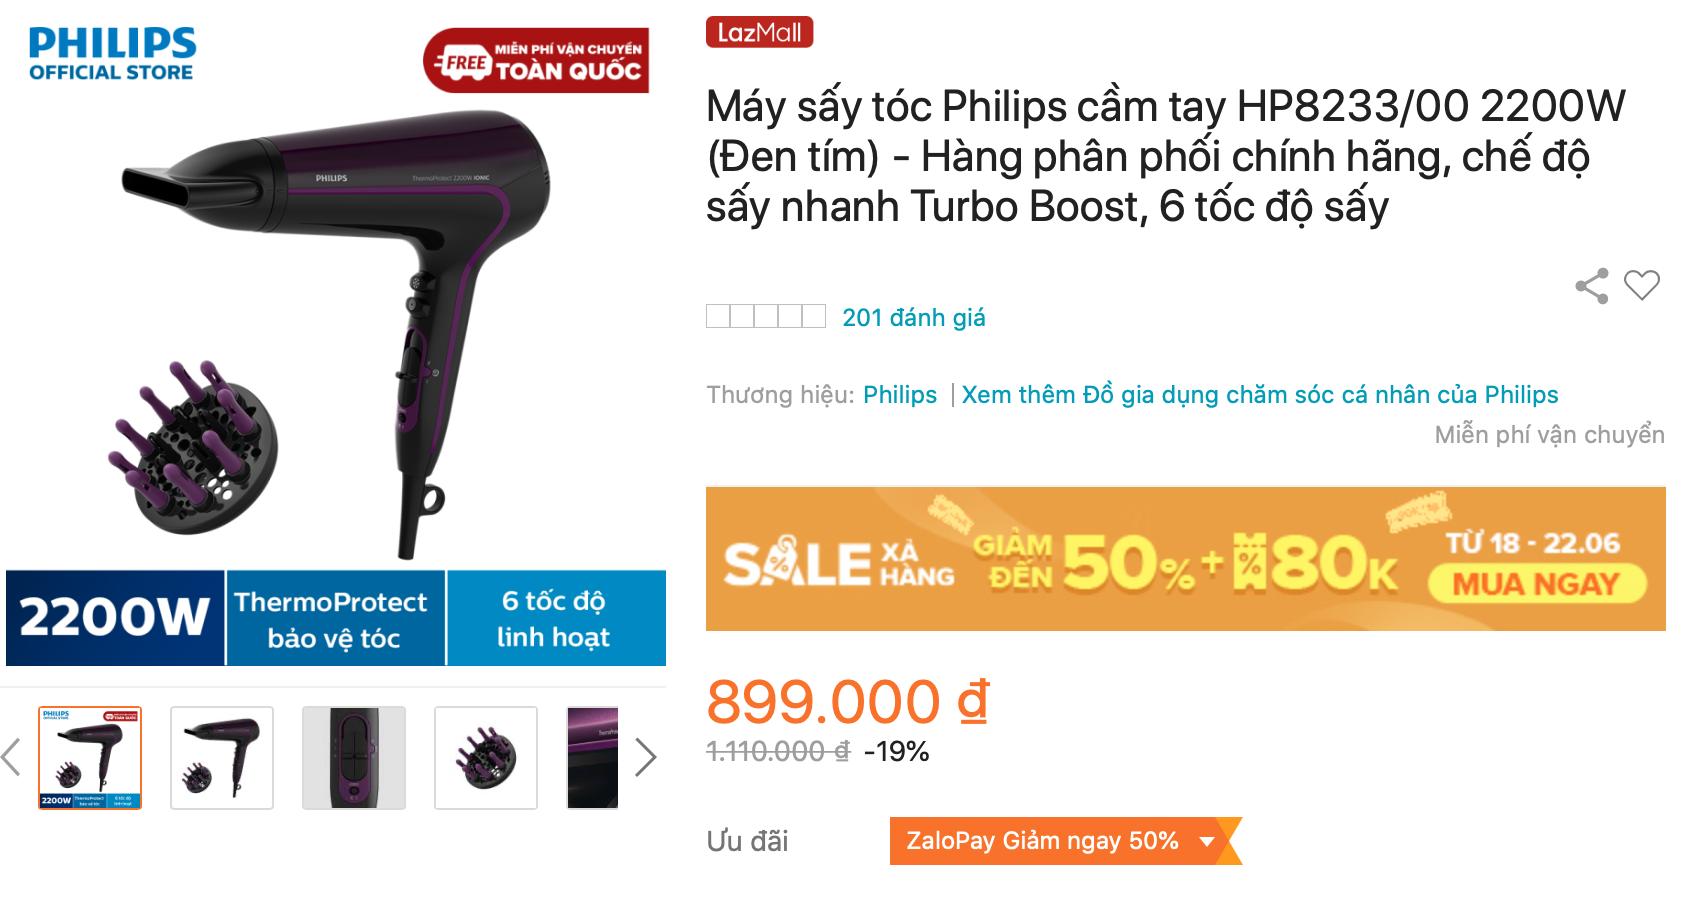 Máy sấy tóc Philips cầm tay HP8233/00 sấy nhanh Turbo Boost 6 tốc độ